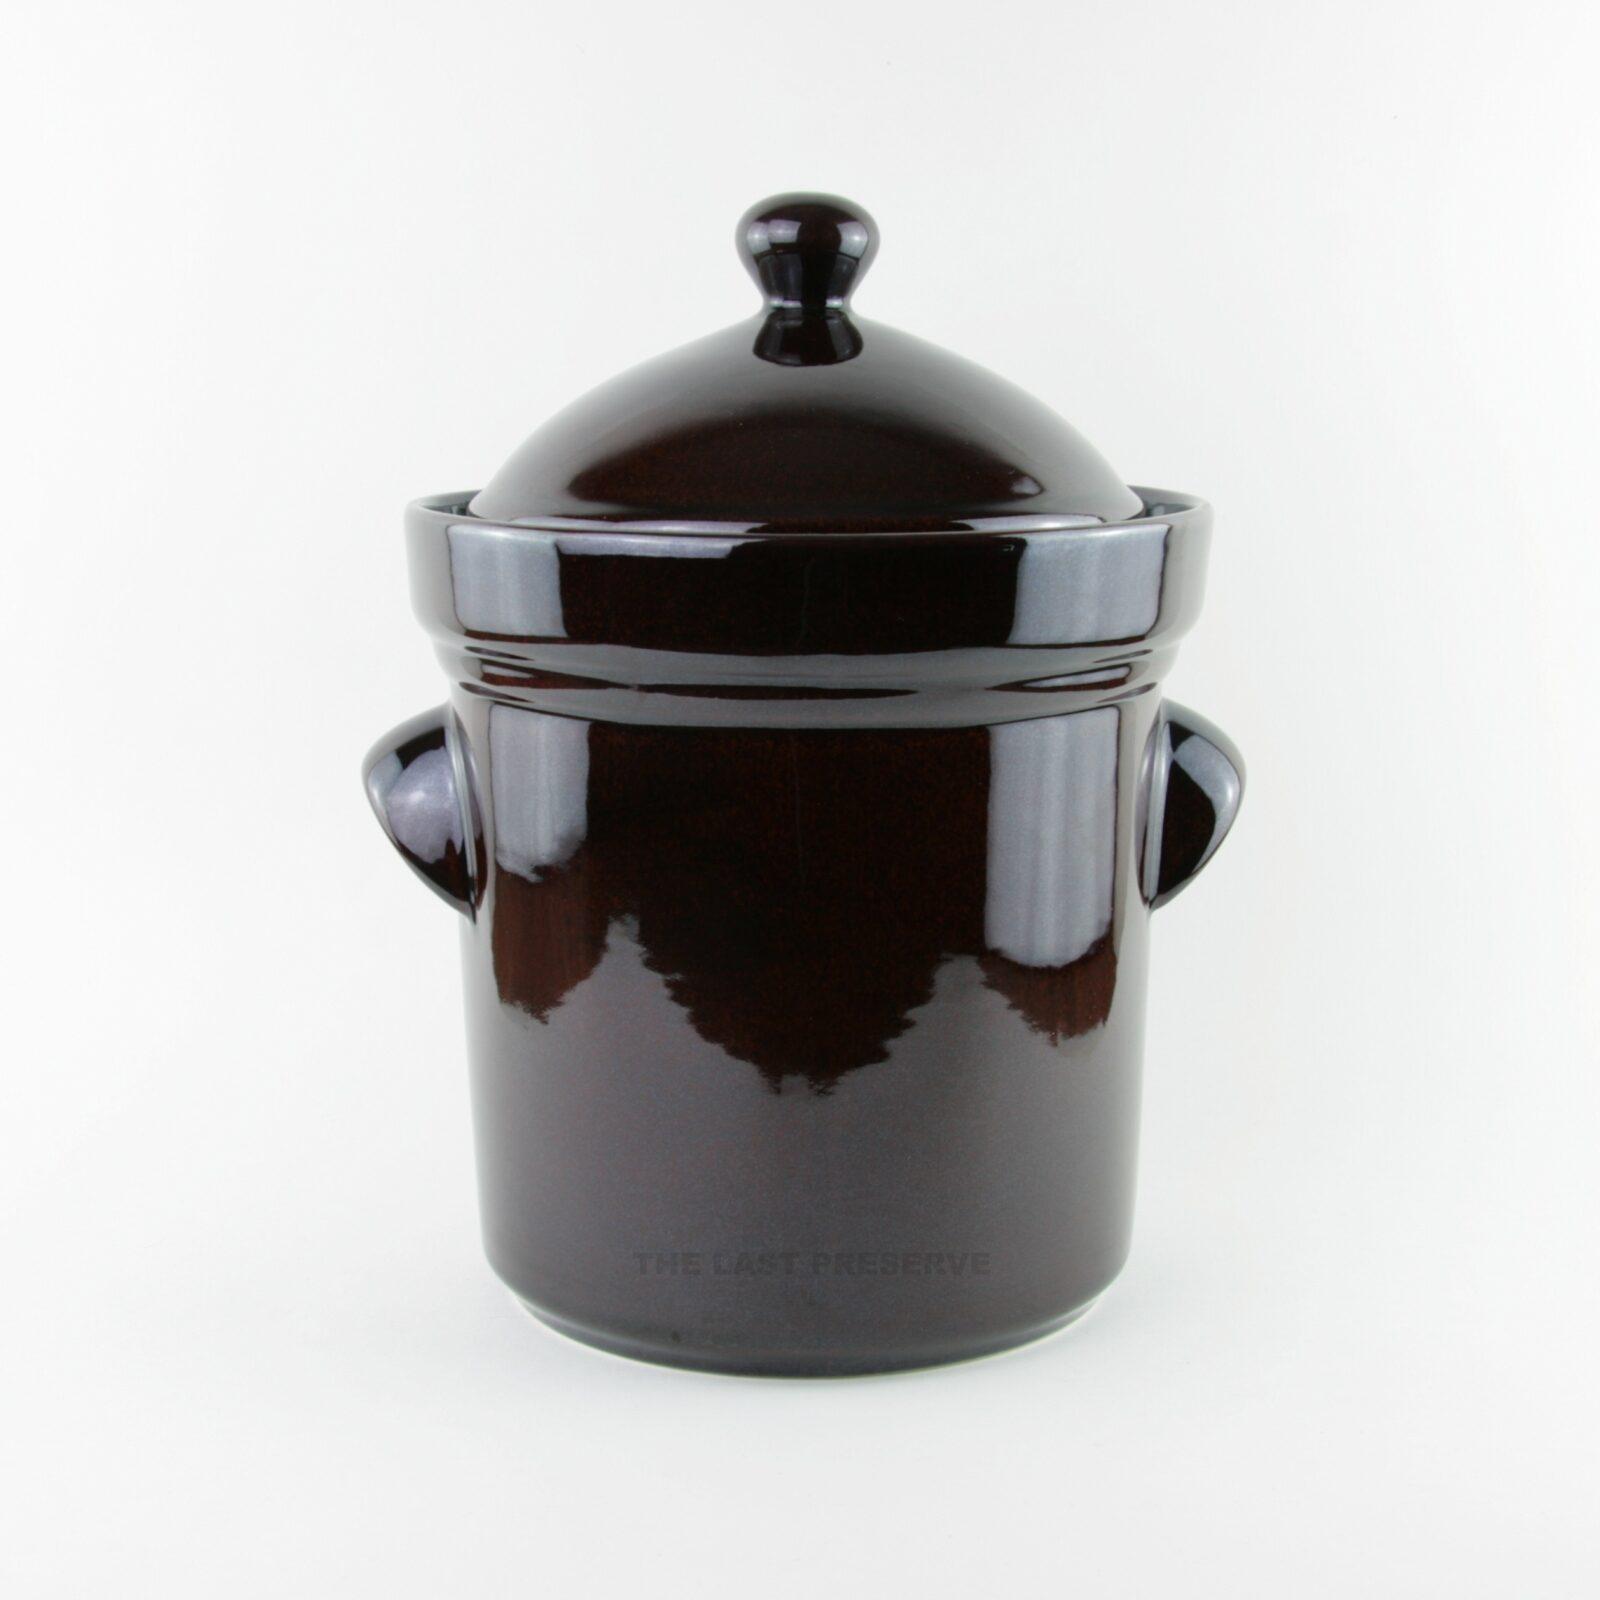 5 litre brown ceramic fermentation crocks by Zaklady Ceramiczne Boleslawiec